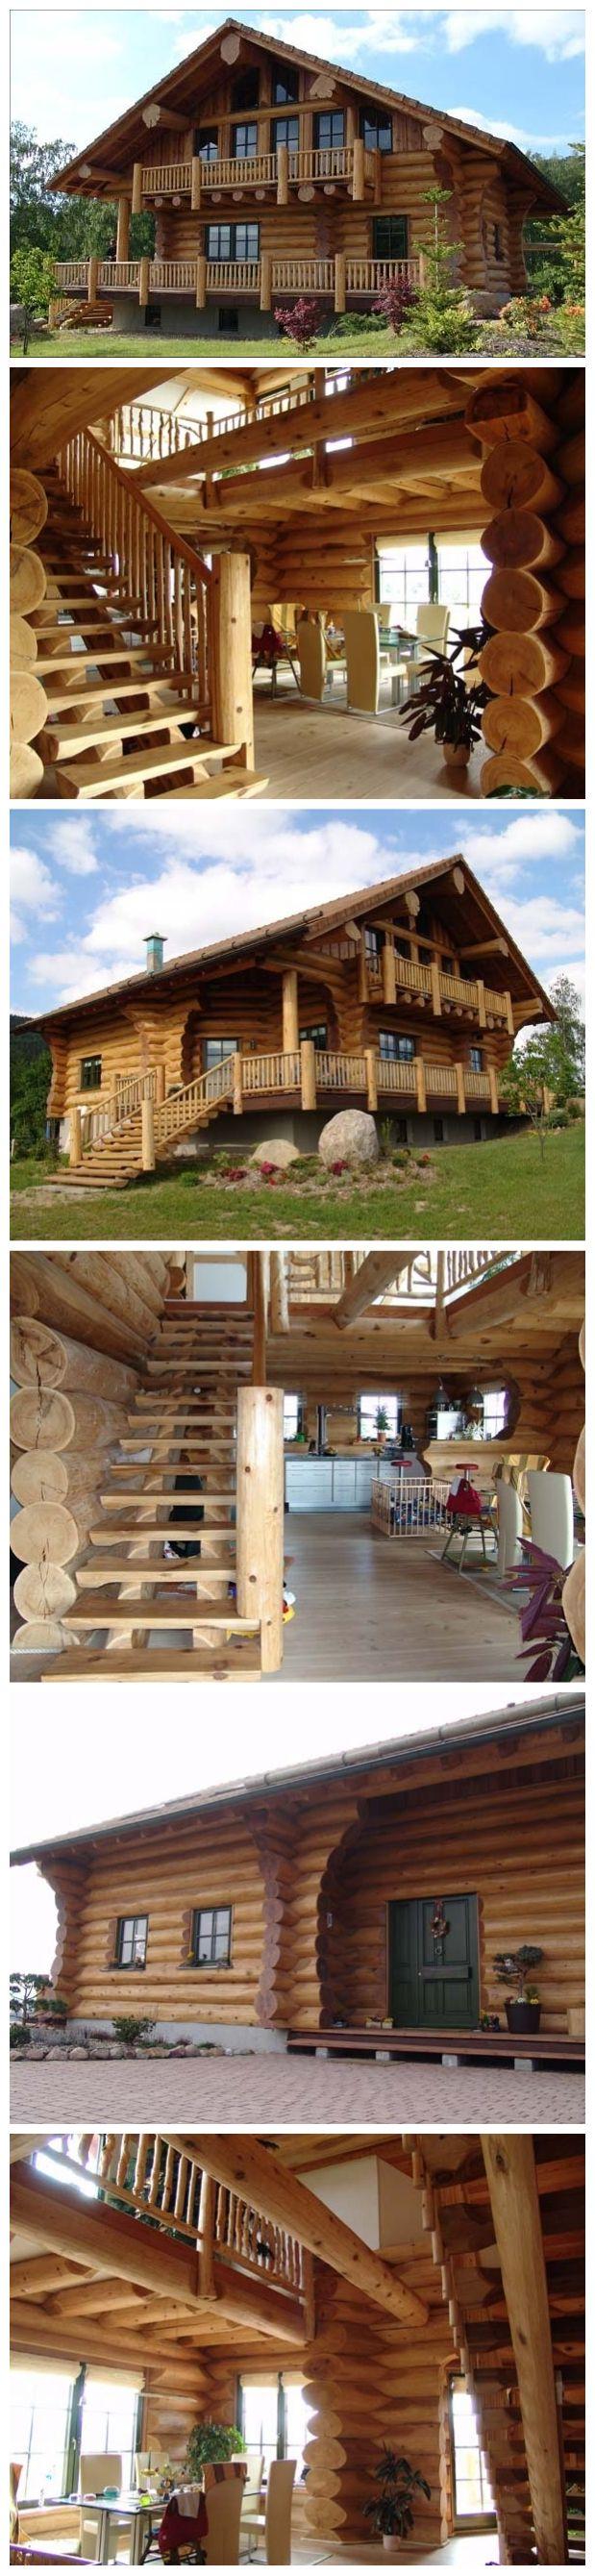 Beautiful Log Home Design Log Home Designs Log Homes House Design